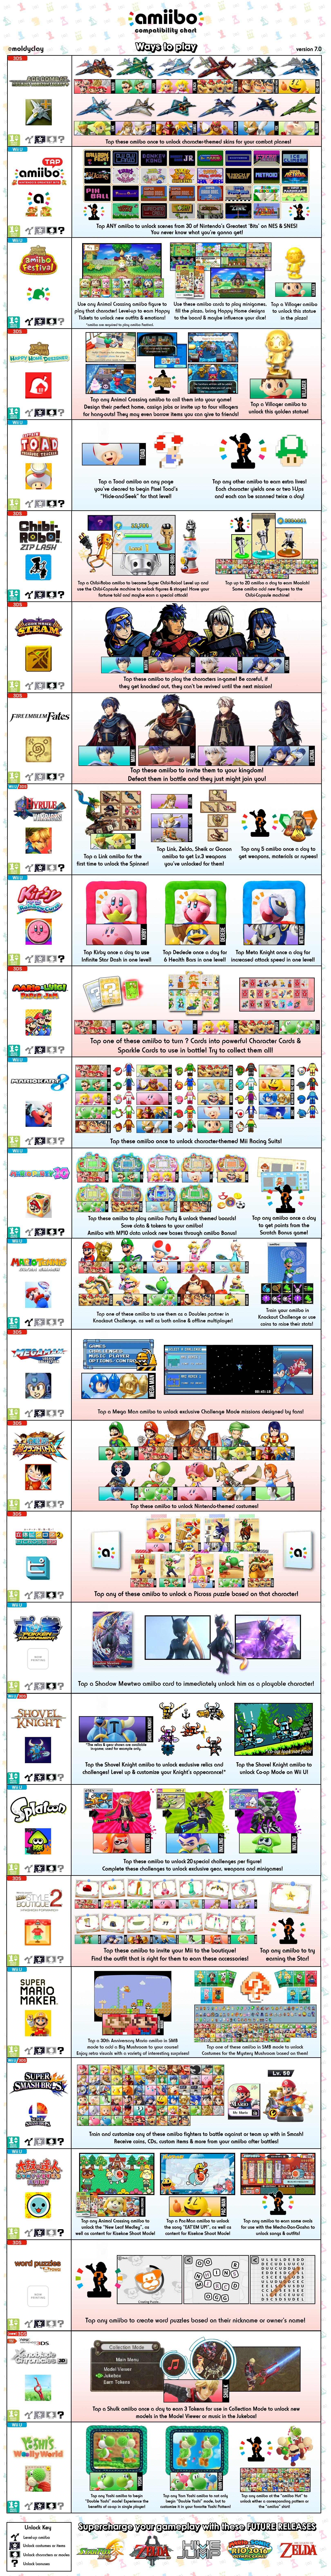 Amiibo Compatibility chart v7